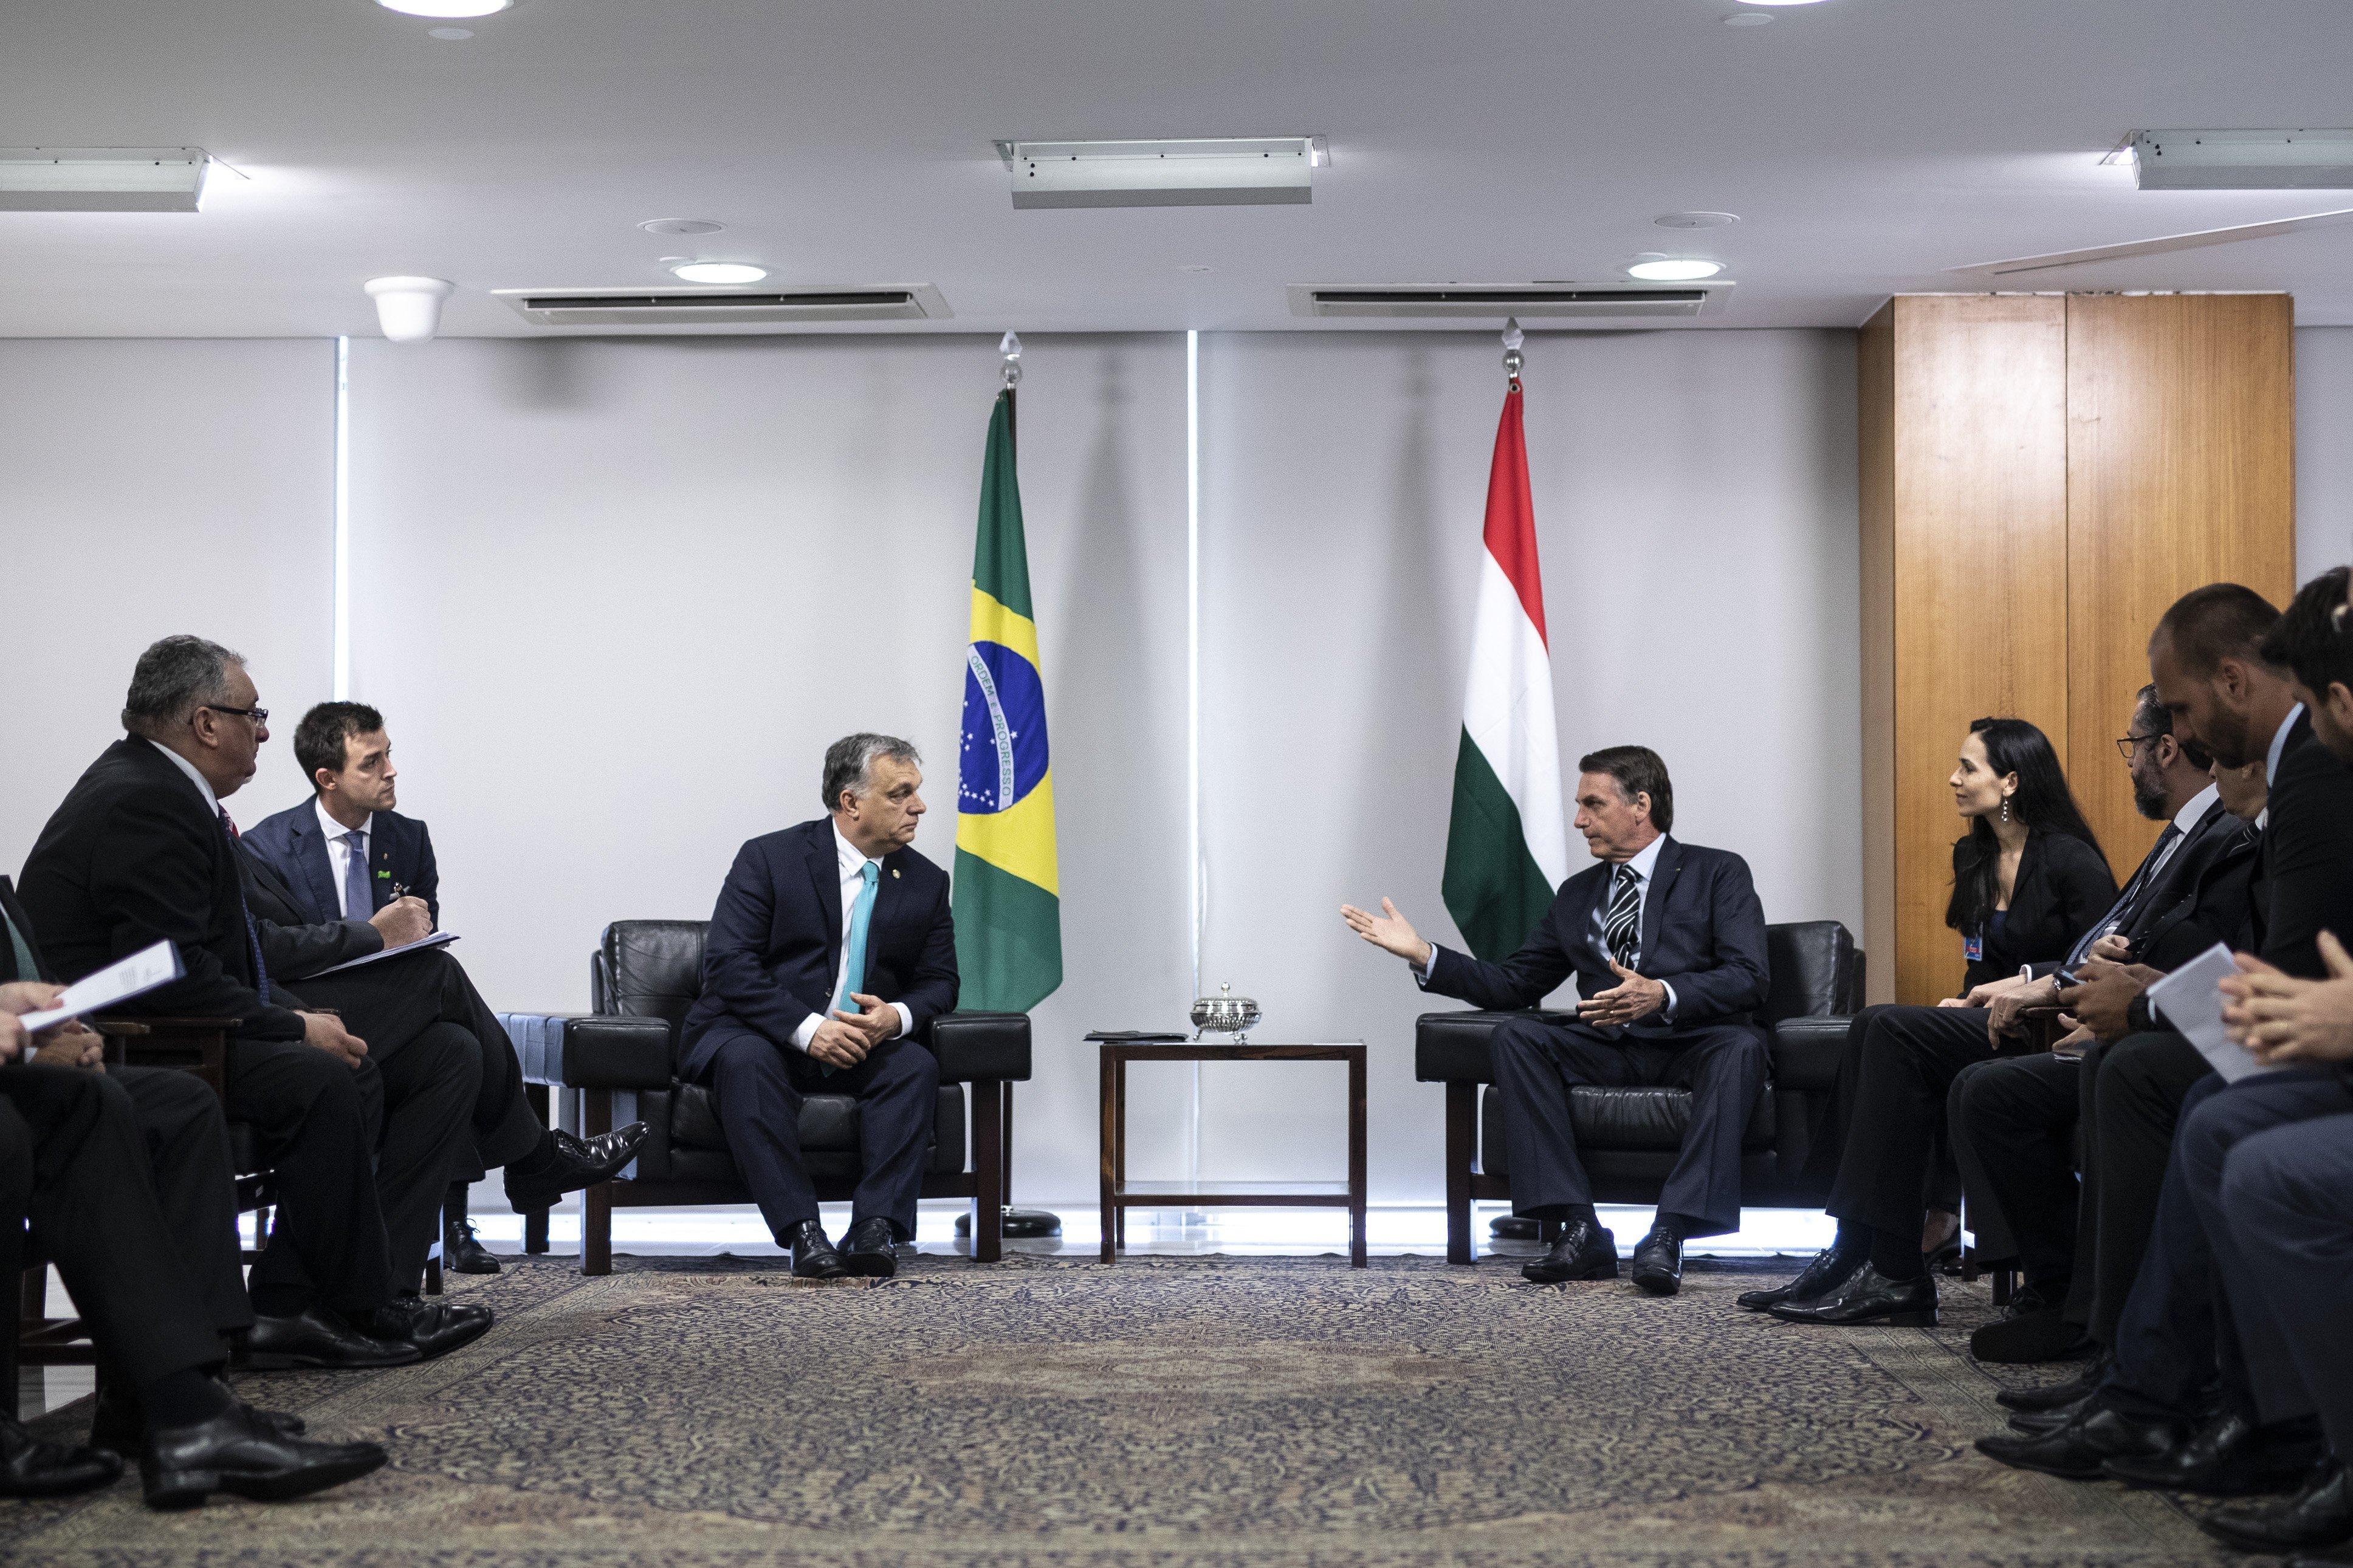 Siker: Orbán meghívta Magyarországra a brazil elnököt, ő pedig elfogadta a meghívást